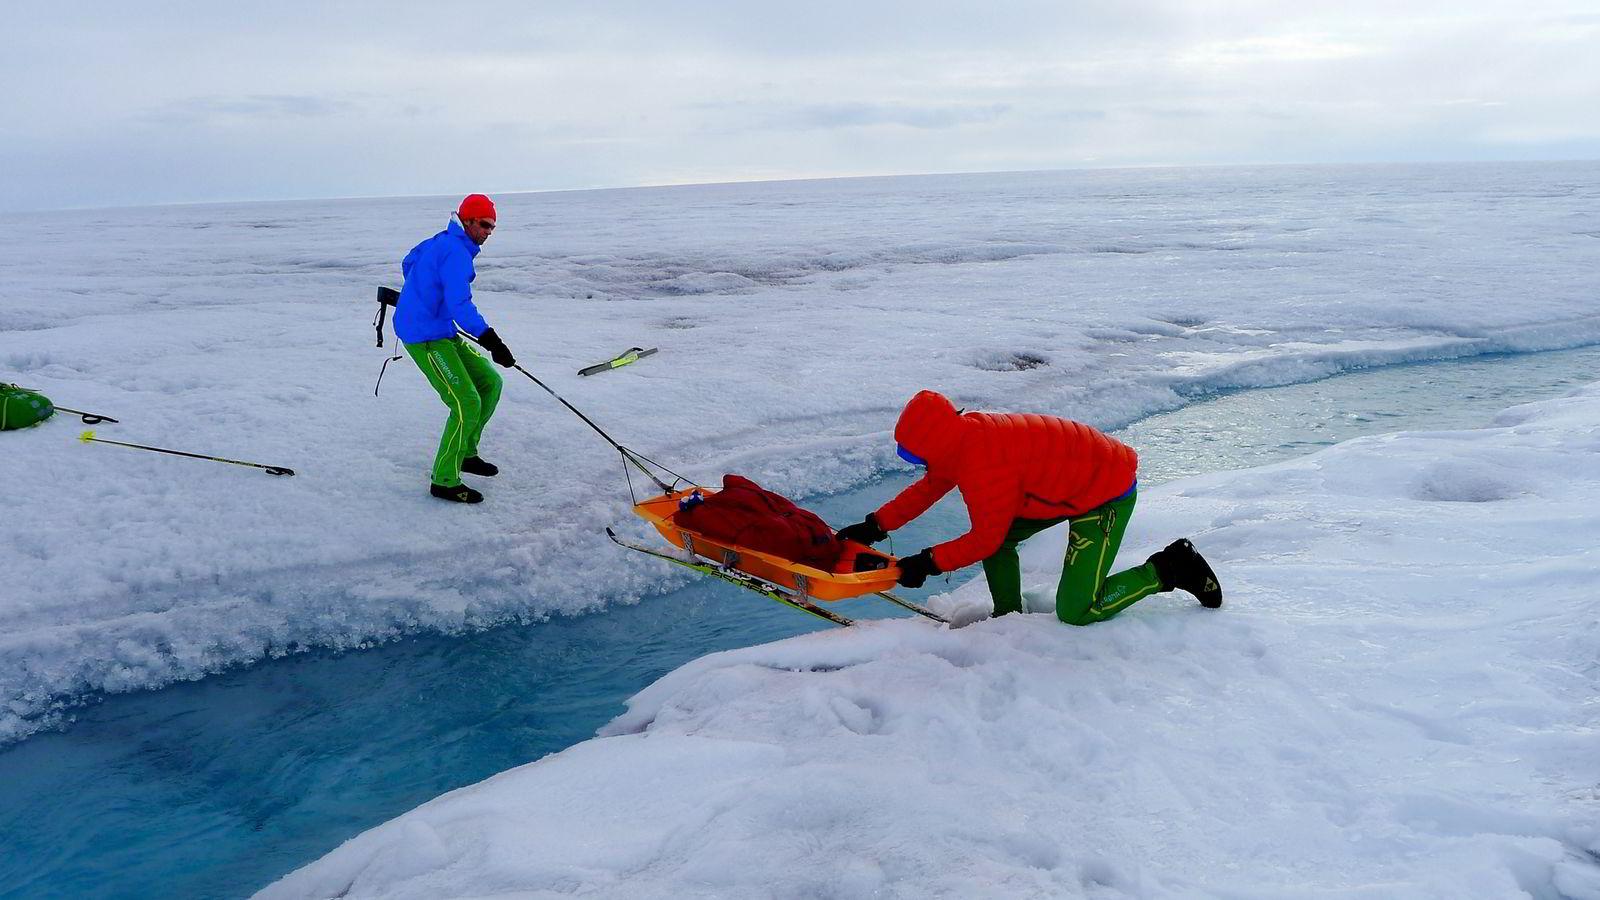 Snøsmelting førte til en mengde småbekker og etterhvert store elver som måtte krysses eller gås rundt for å komme frem til vestkysten. To av ekspedisjonens tre deltagere, Ivar Tollefsen og Trond Hilde, jobber for å holde oppe rekordtempoet.